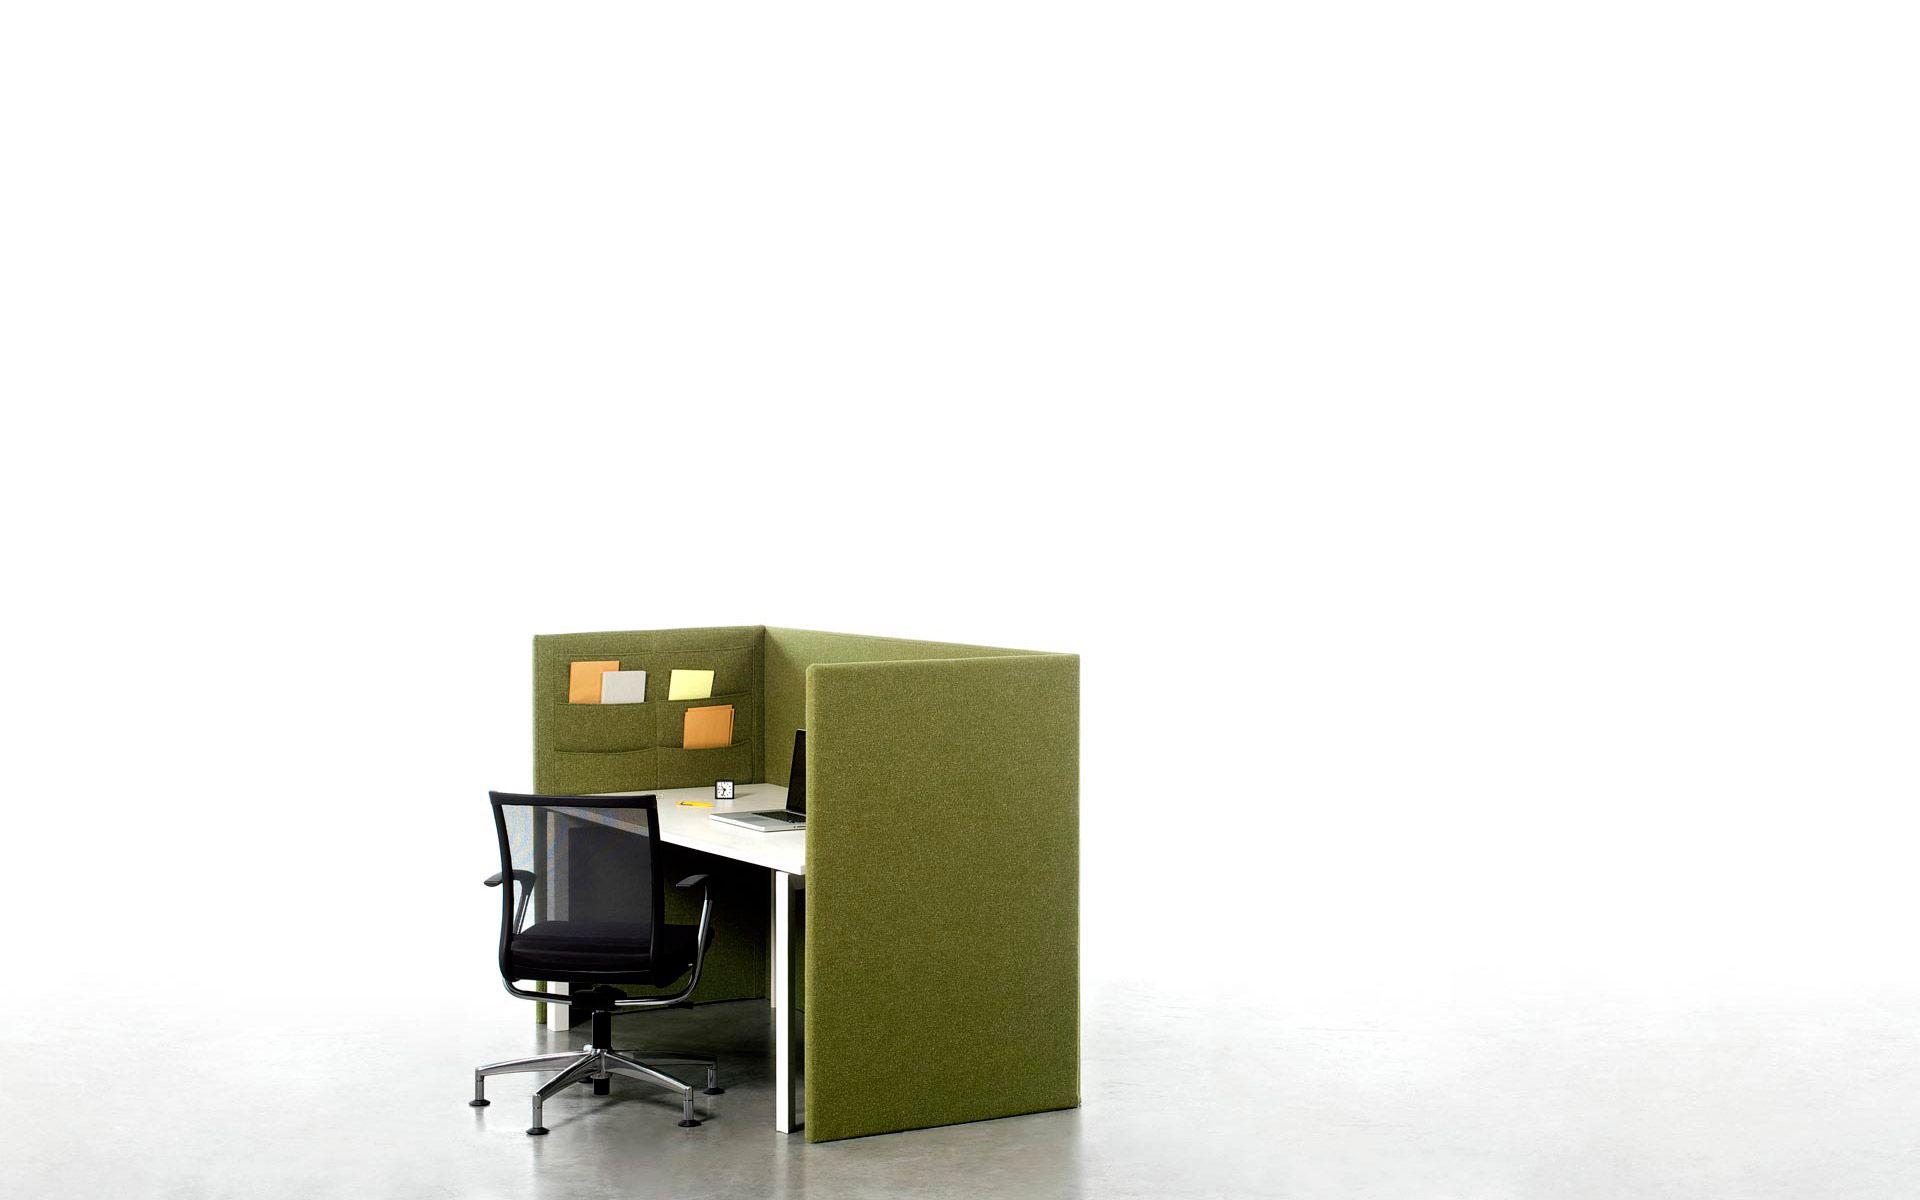 Cloison de s paration acoustique design modulable pour - Cloison de separation bureau ...